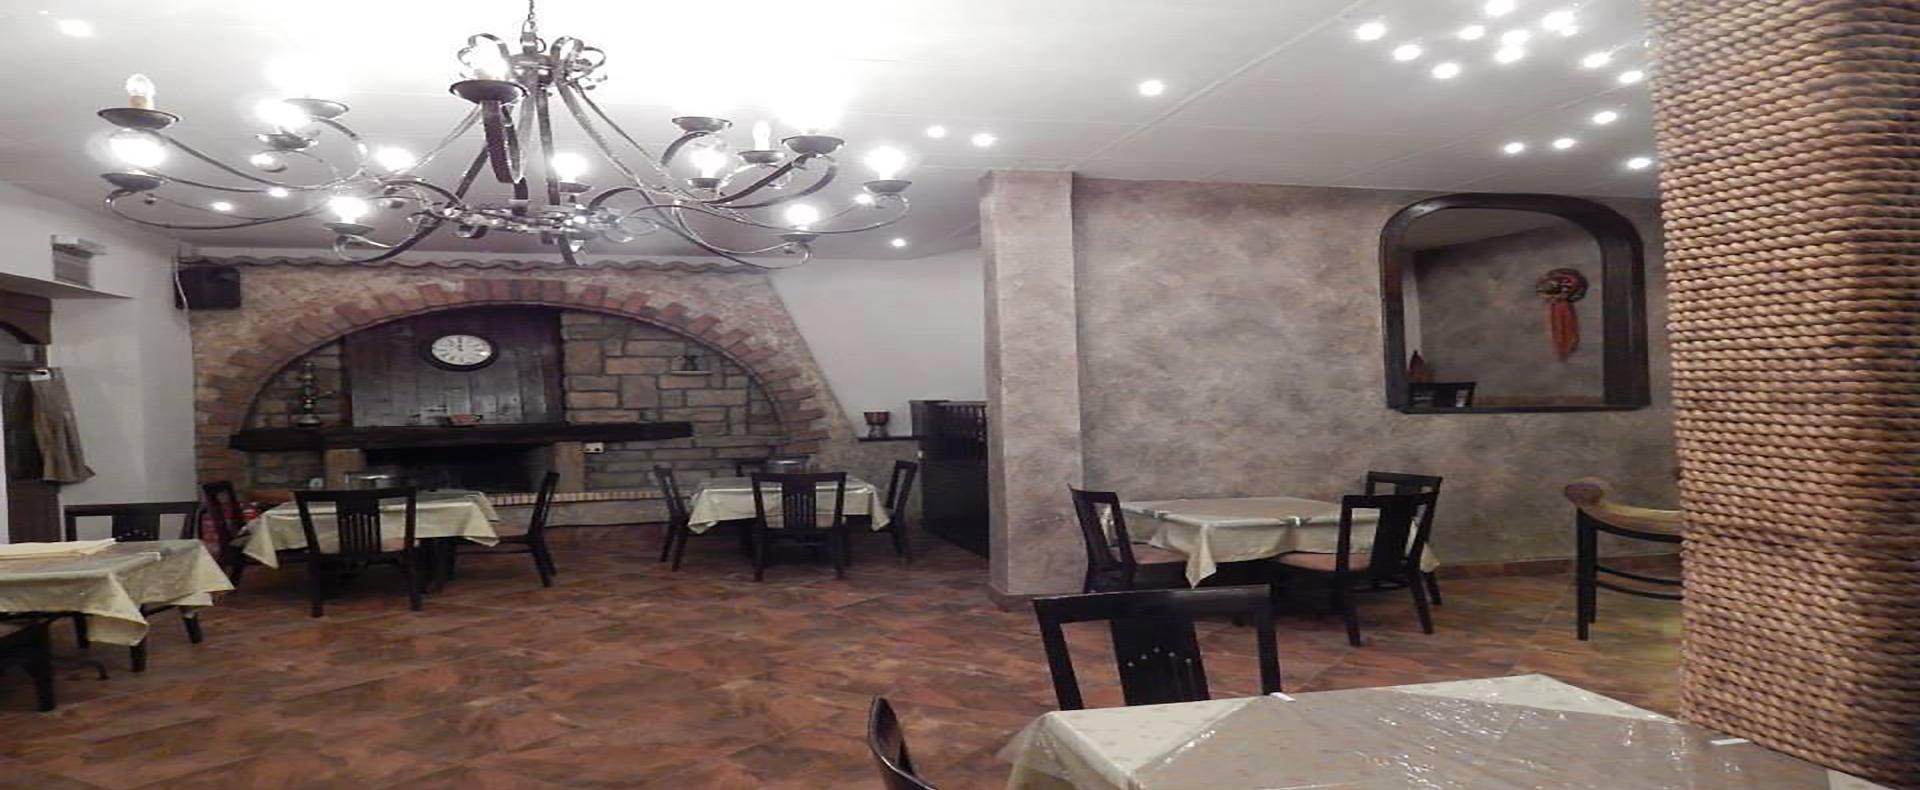 """Παραδοσιακή Ταβέρνα """"Ο Μύθος της Γεύσης"""" στο Γεωργίτσι Λακωνίας"""